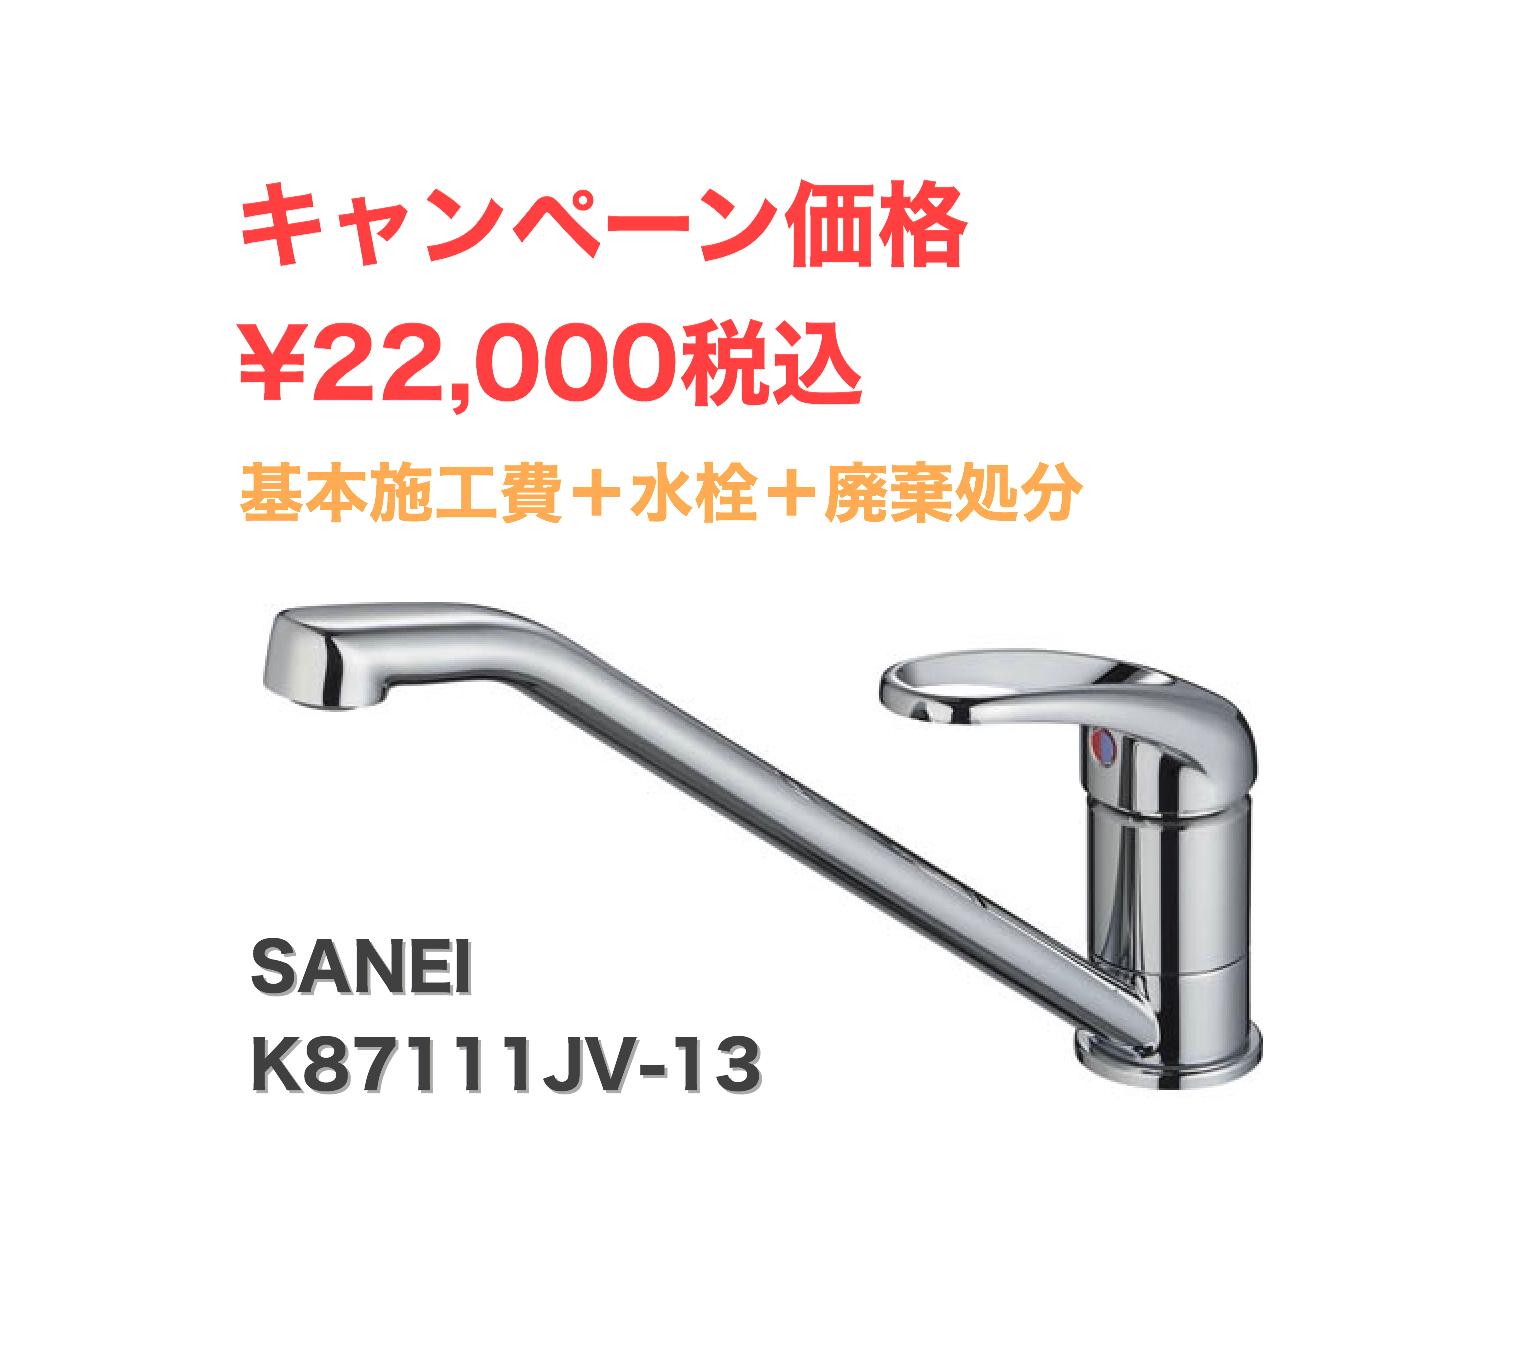 キャンペーン‼︎  当店おすすめ① キッチン用混合水栓